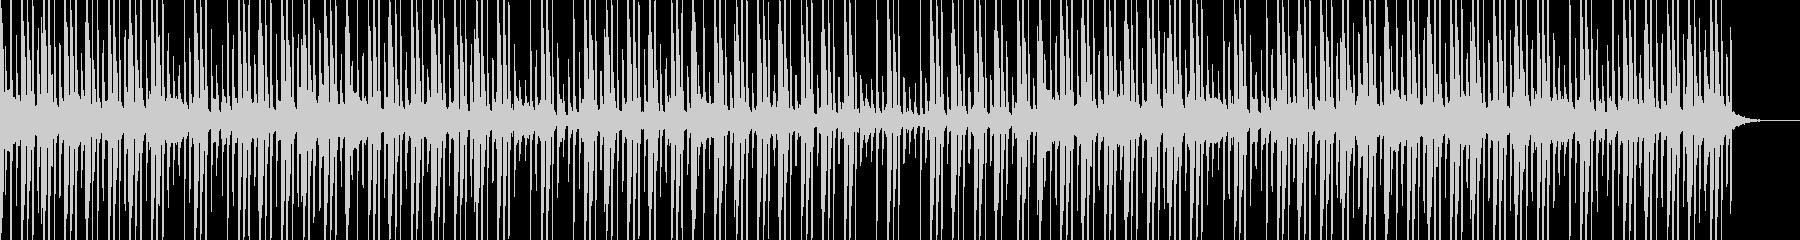 【ヒップホップ】ダーティな雰囲気の未再生の波形